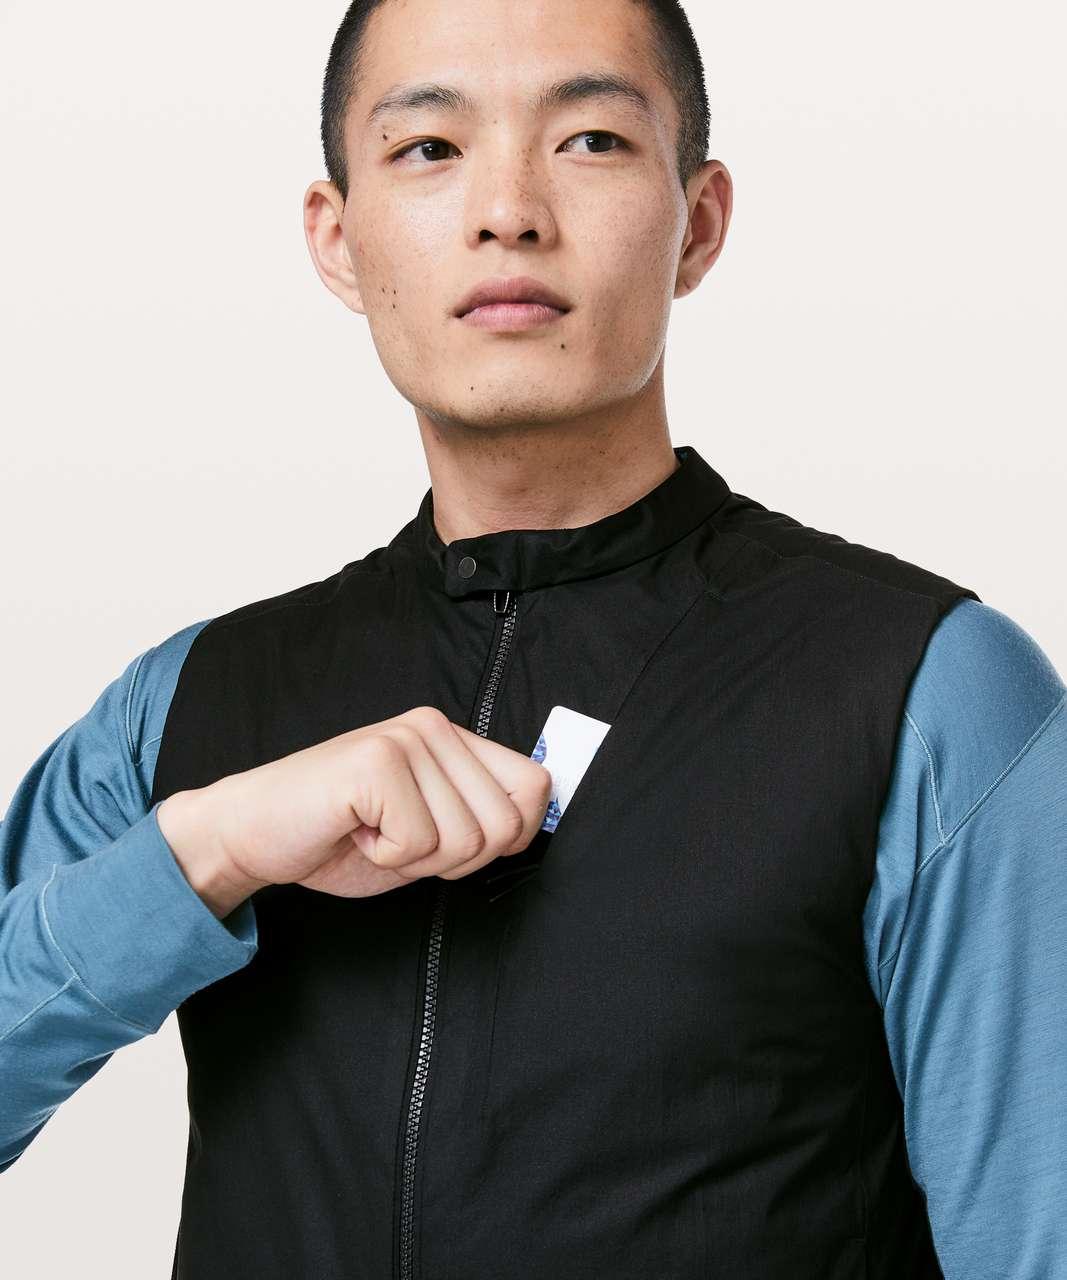 Lululemon Accedo Vest *Reversible lululemon Lab - Black / Aqua Print